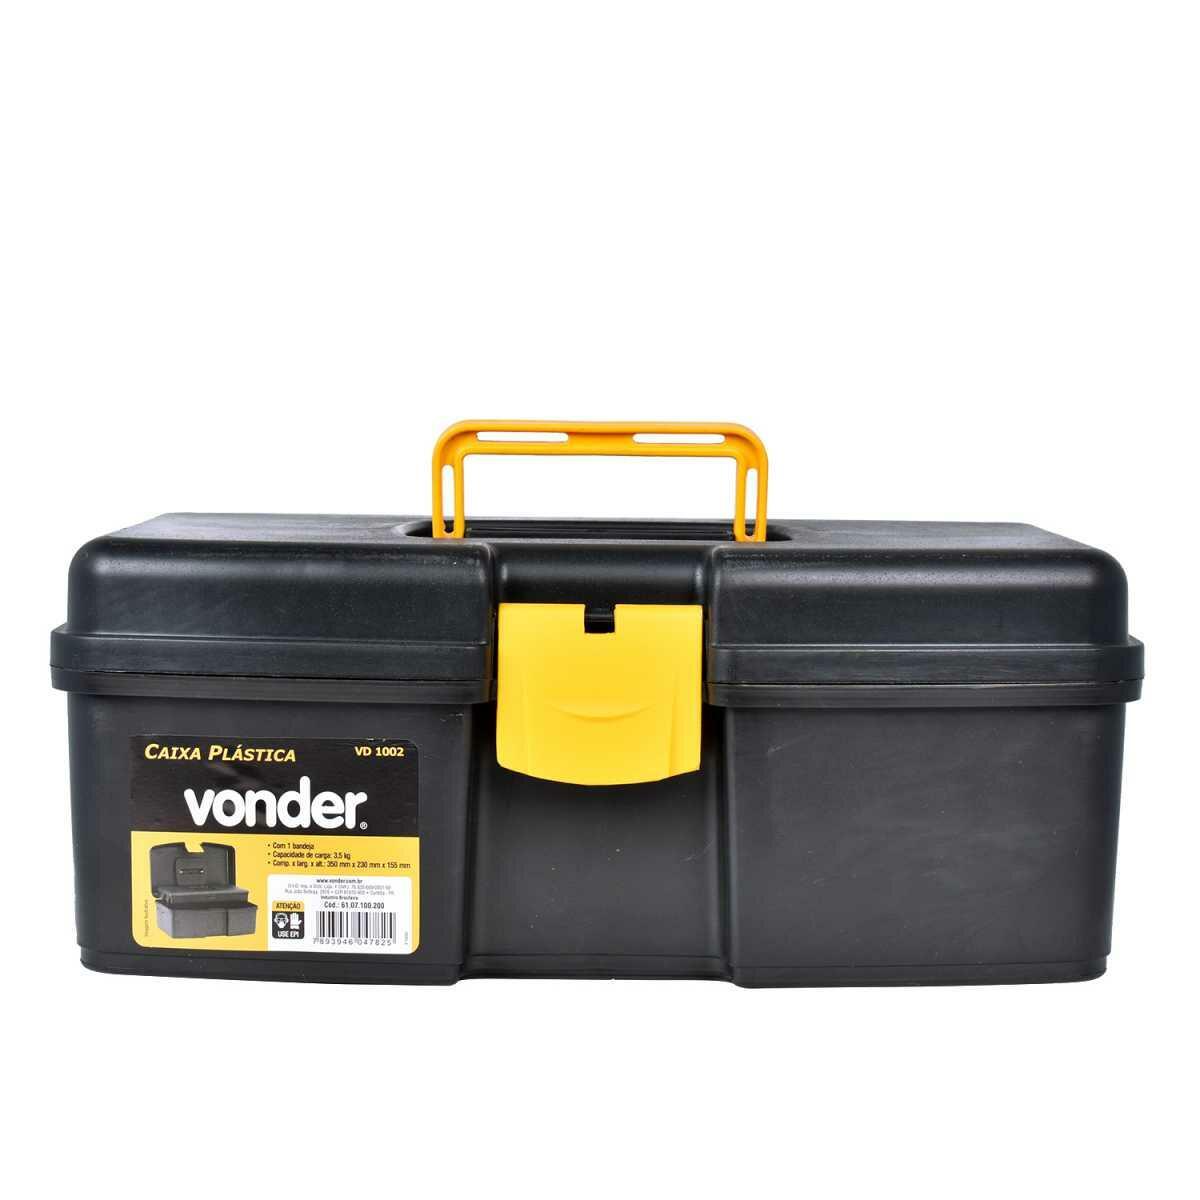 Caixa Plástica para Ferramentas com Bandeja Vd-1002 Vonder